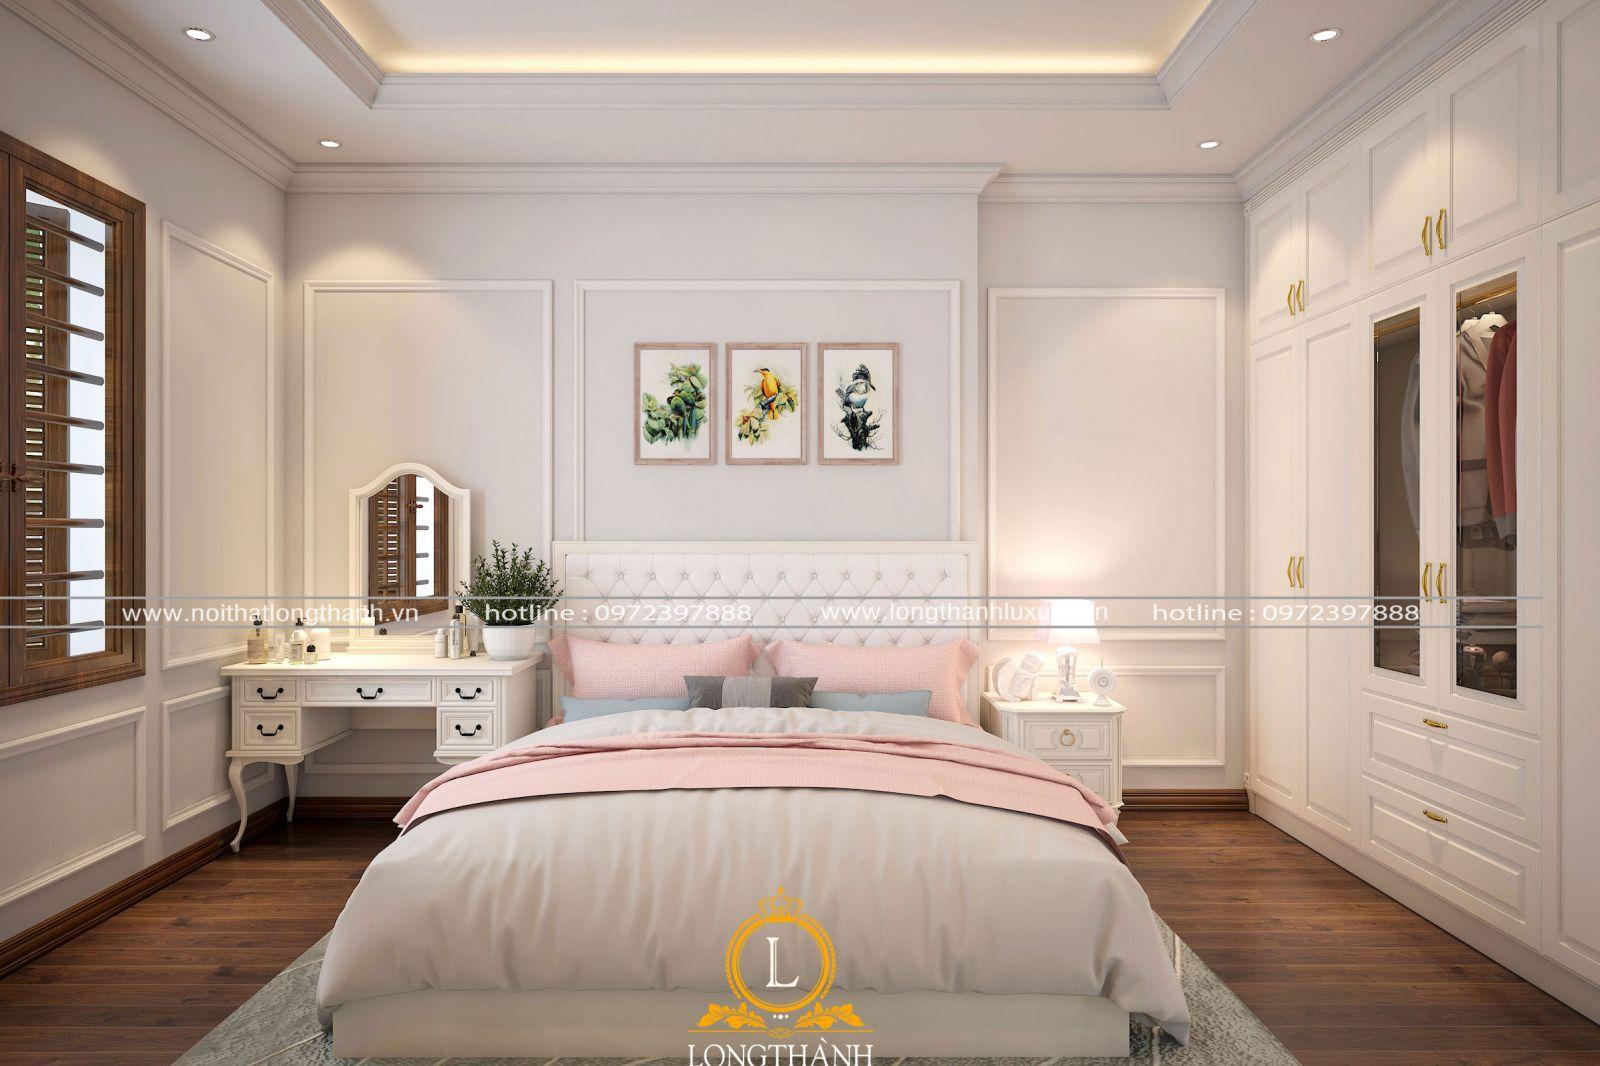 Căn phòng ngủ cho bé bố trí tỉ lệ vàng